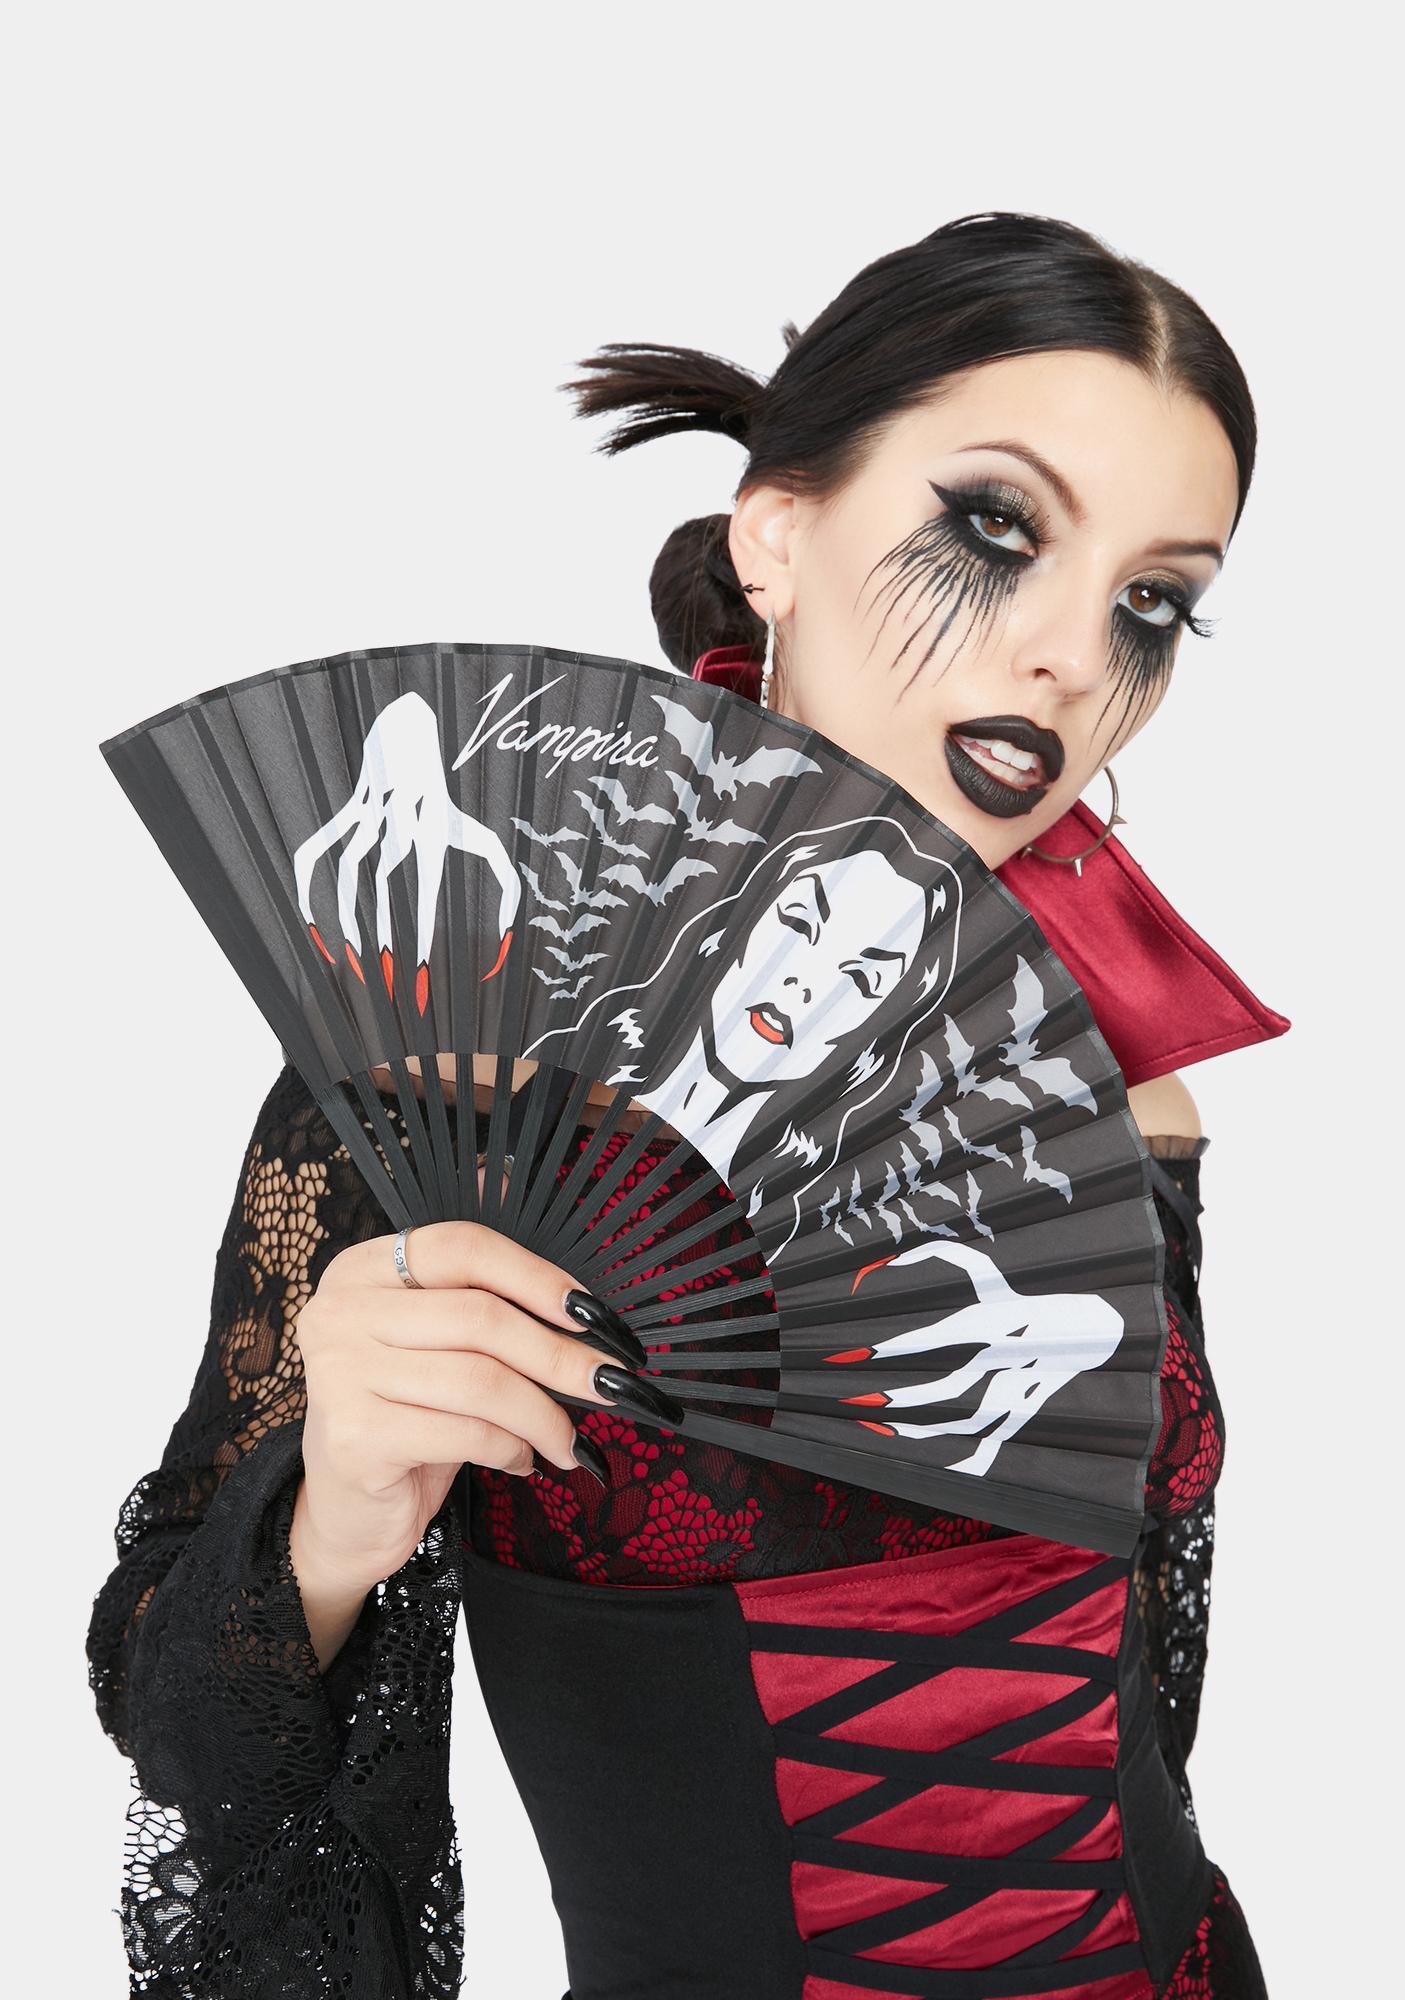 Kreepsville 666 Vampira Hands Fan